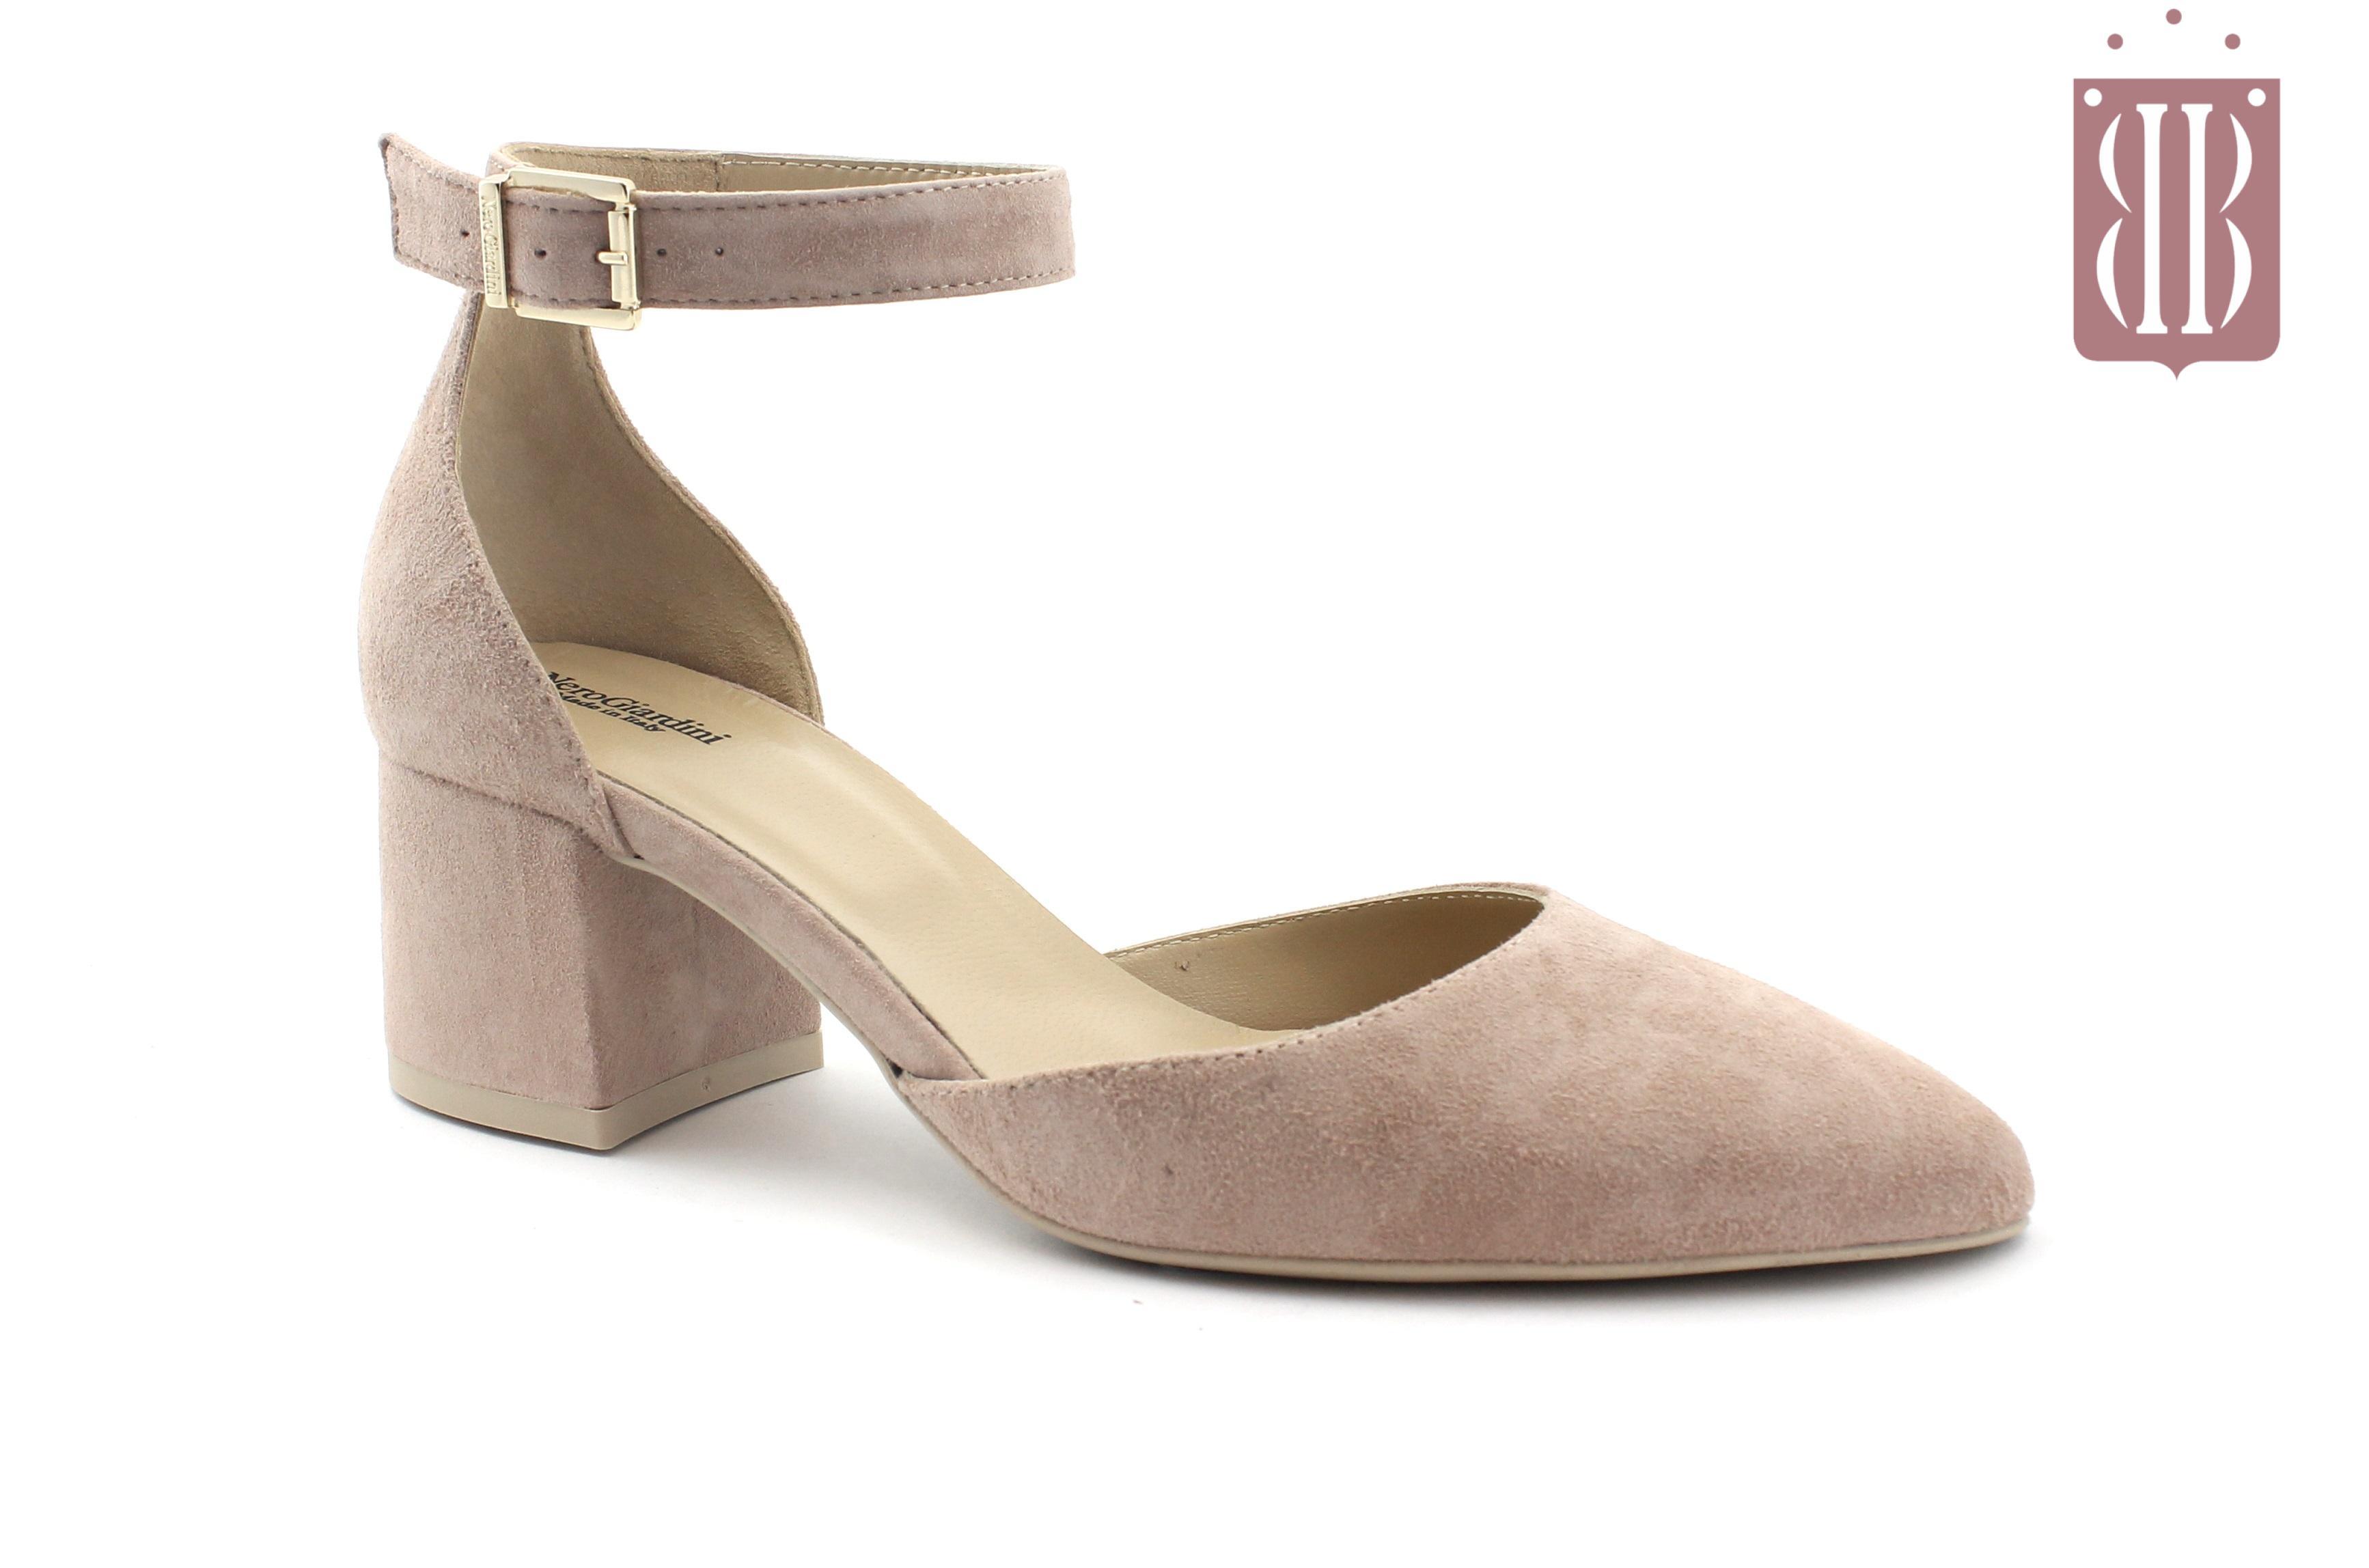 sneakers for cheap 421cb 87532 NERO GIARDINI 7991 phard rosa cipria scarpe donna decolletè tacco punta  cinturino